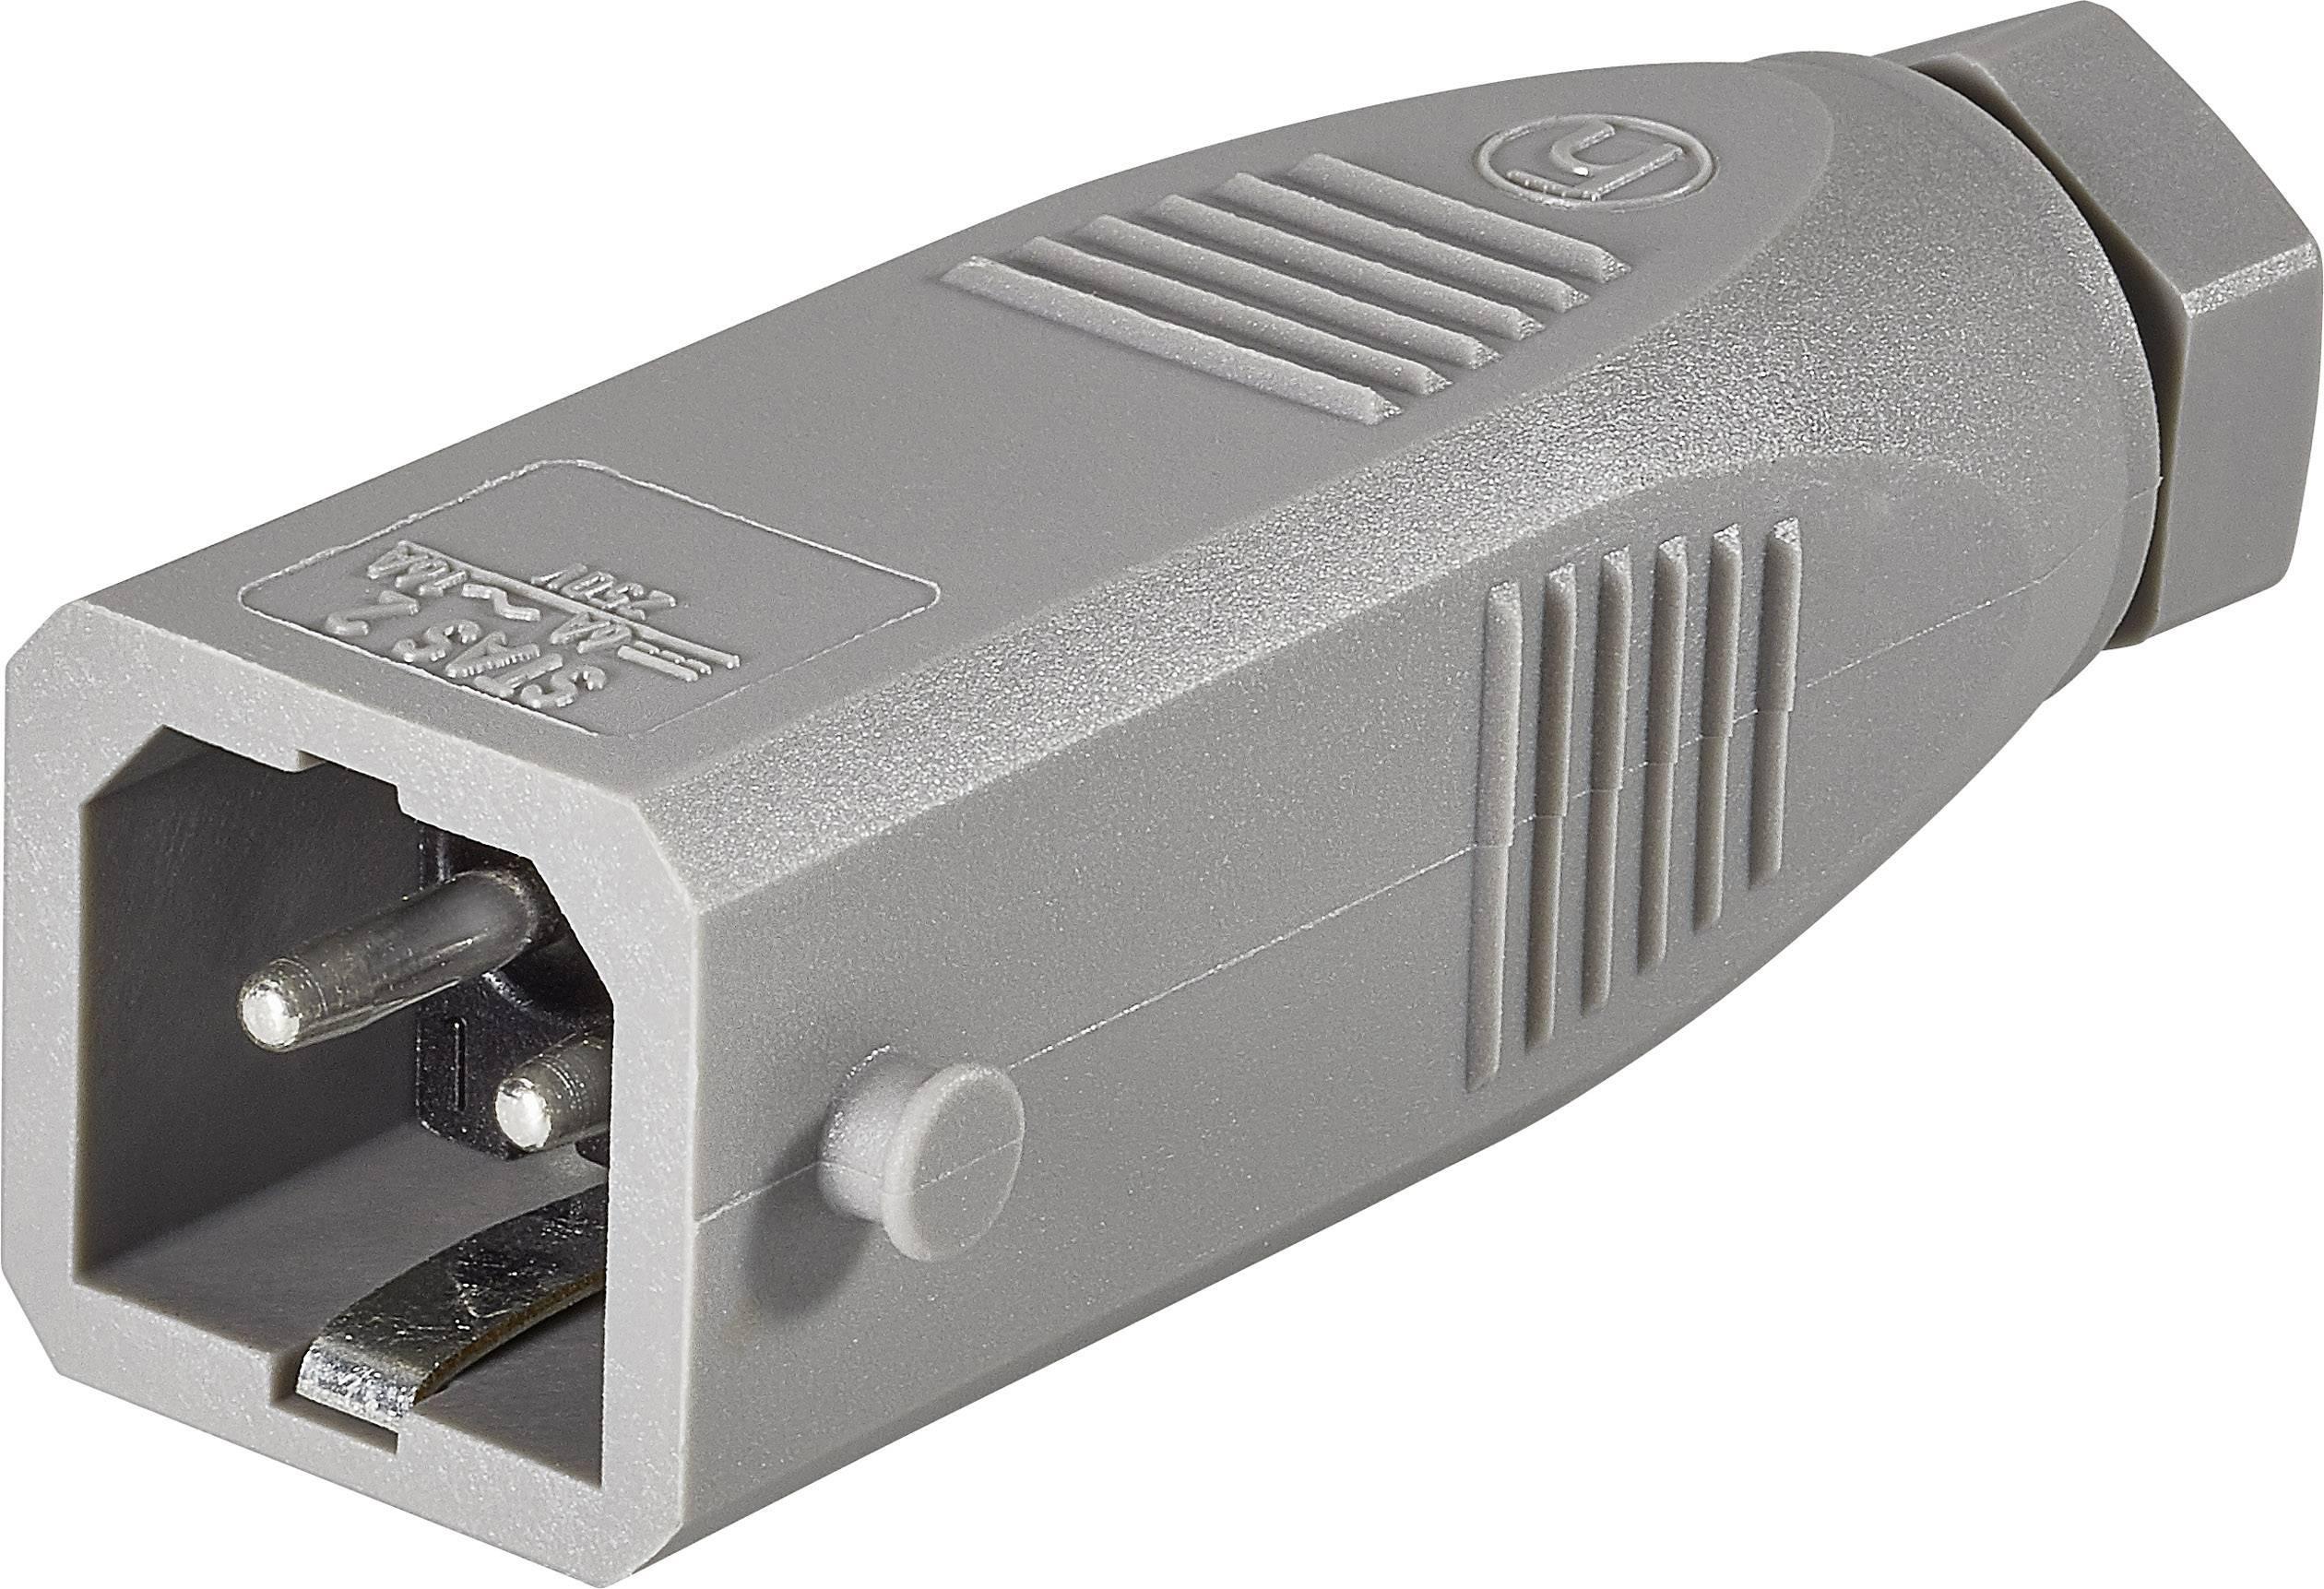 Síťová zástrčka Belden STAS 2, 250 V, 16 A, šedá, 930620106